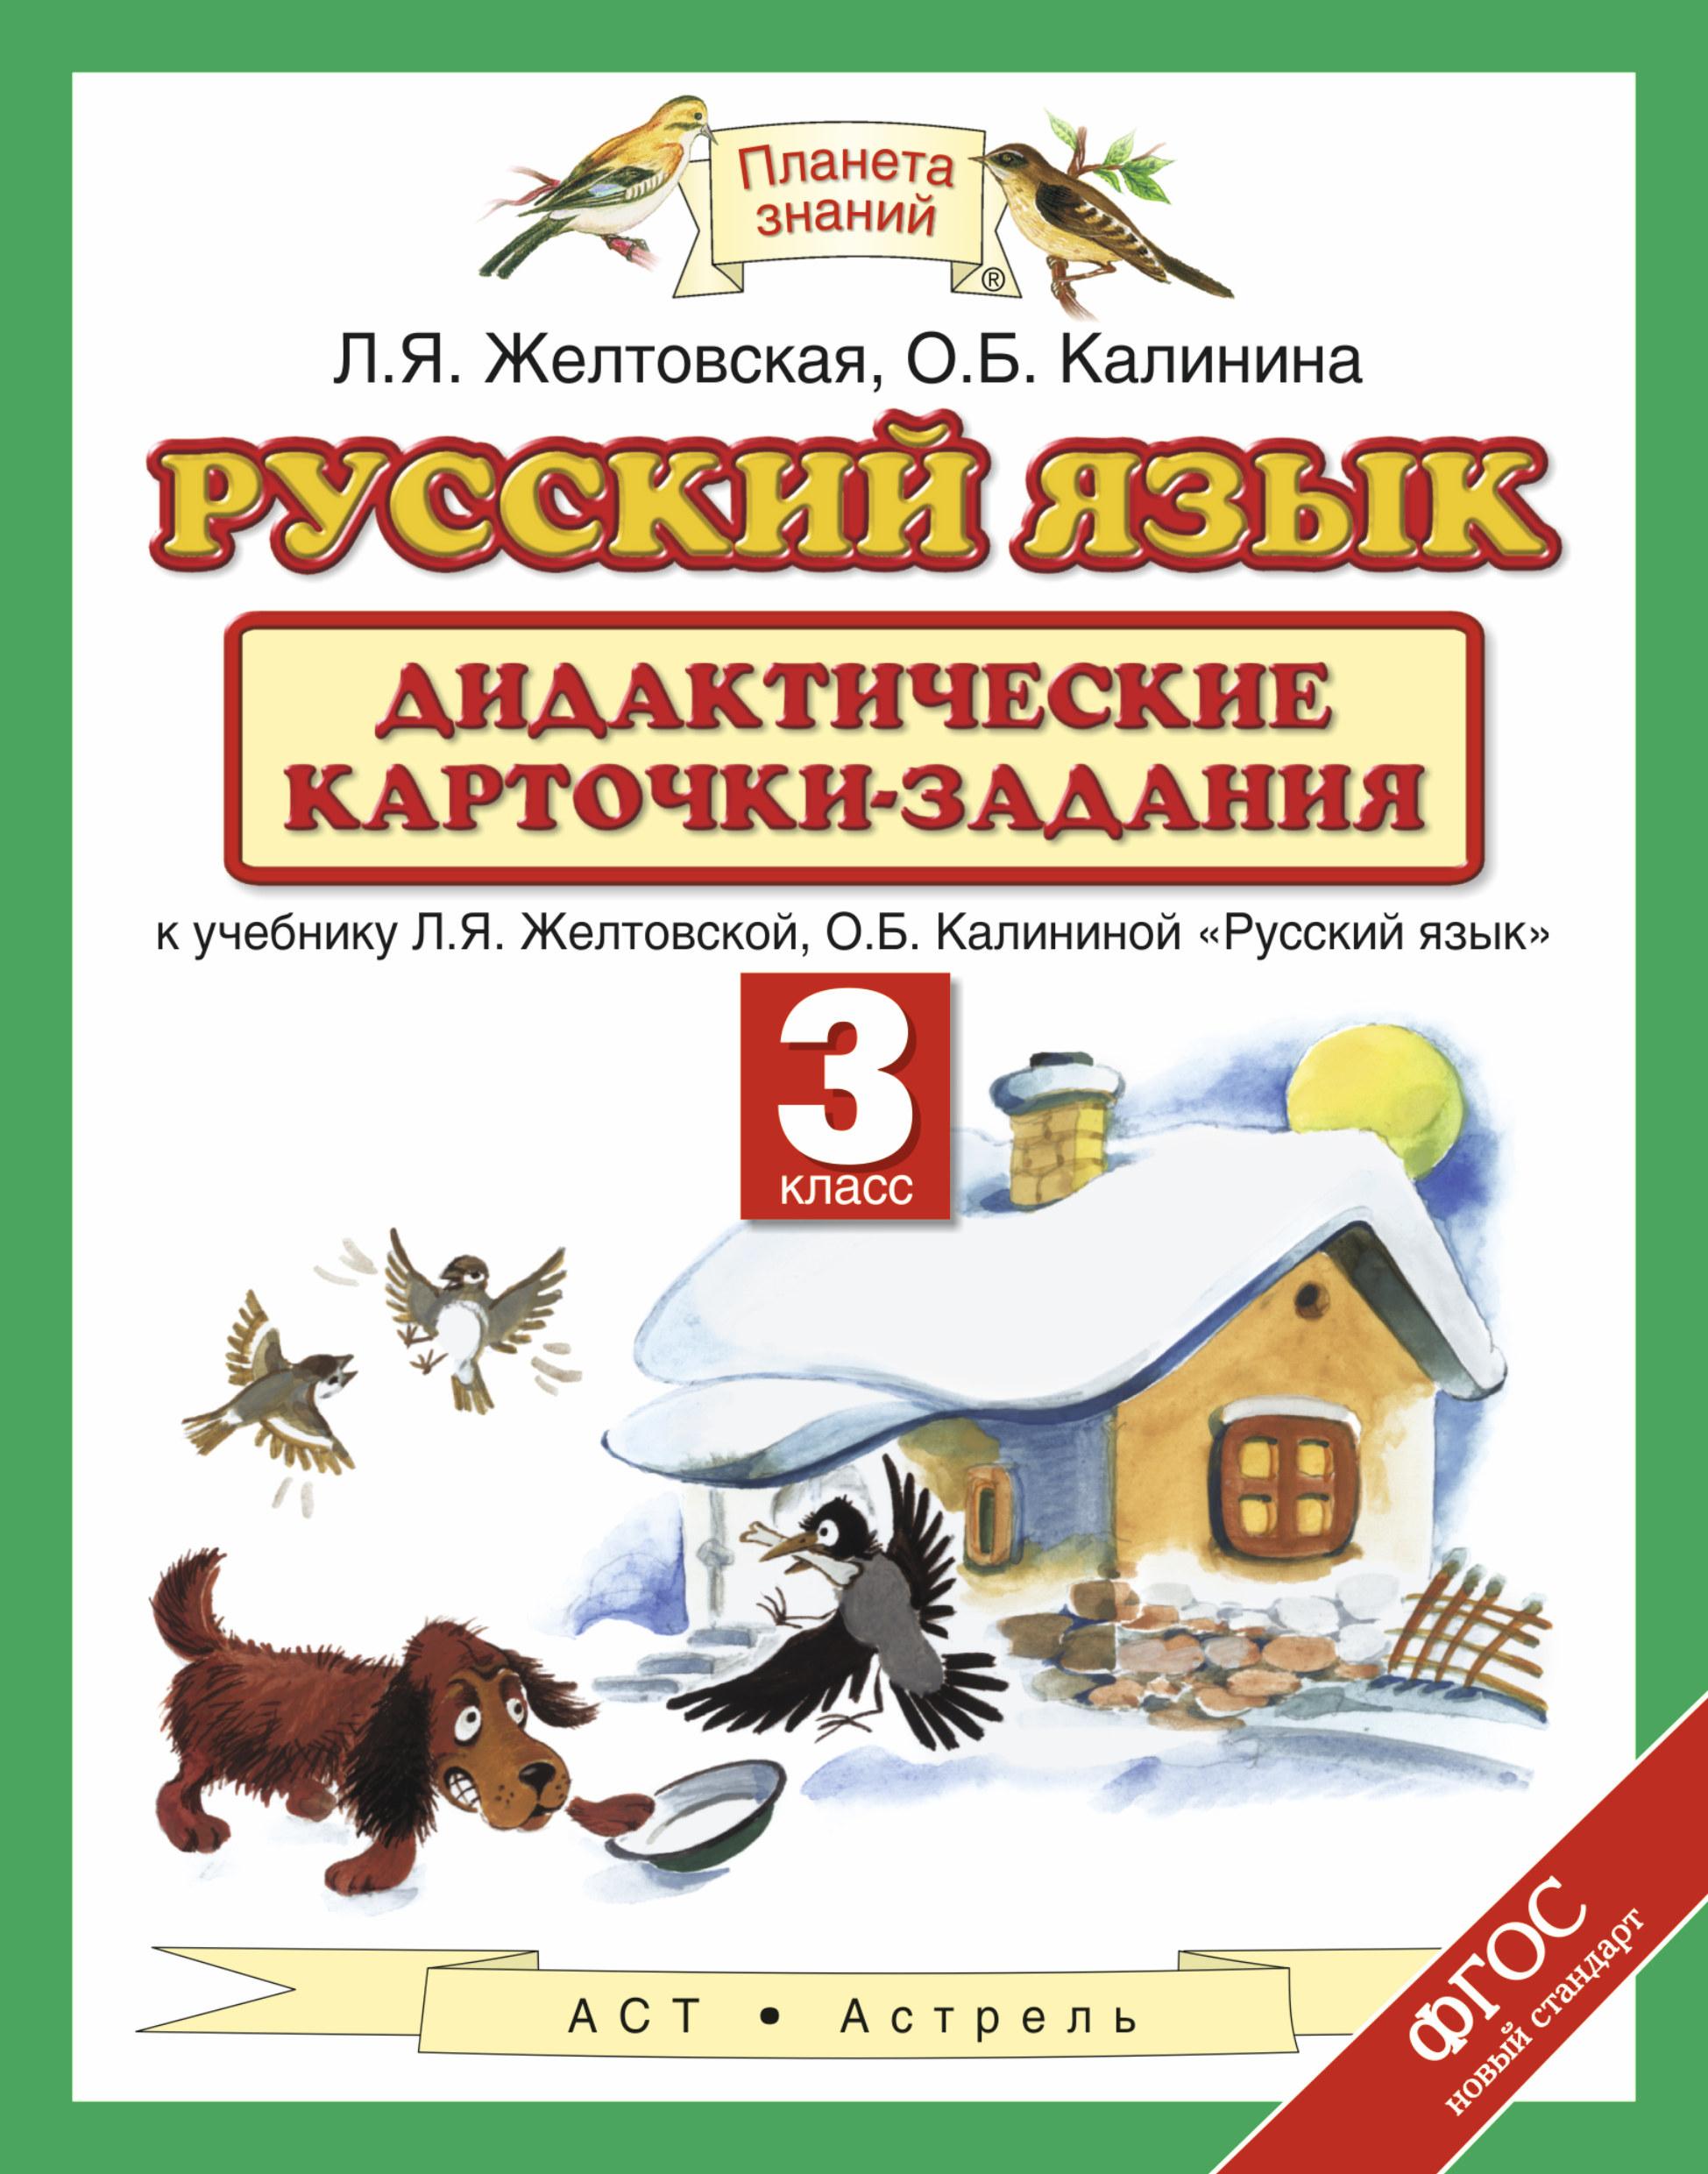 Русский язык. 3 класс. Дидактические карточки-задания от book24.ru